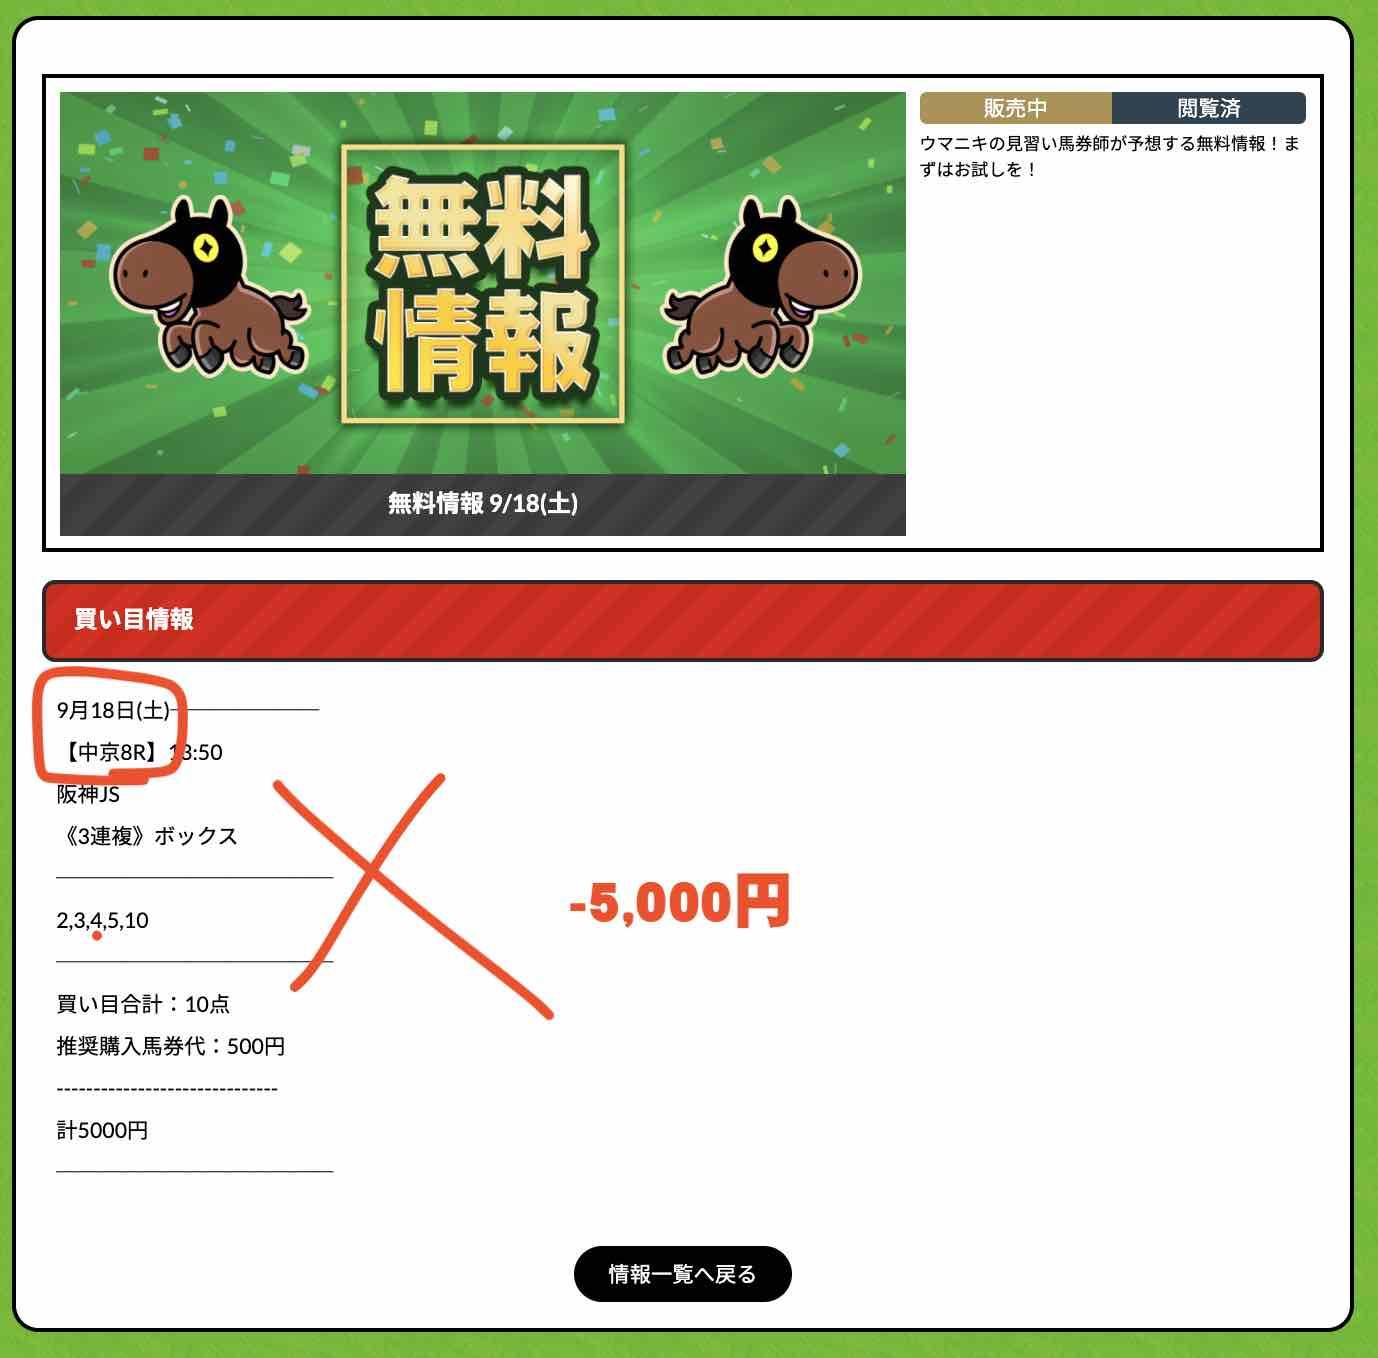 ウマニキという競馬予想サイトの無料予想の抜き打ち検証